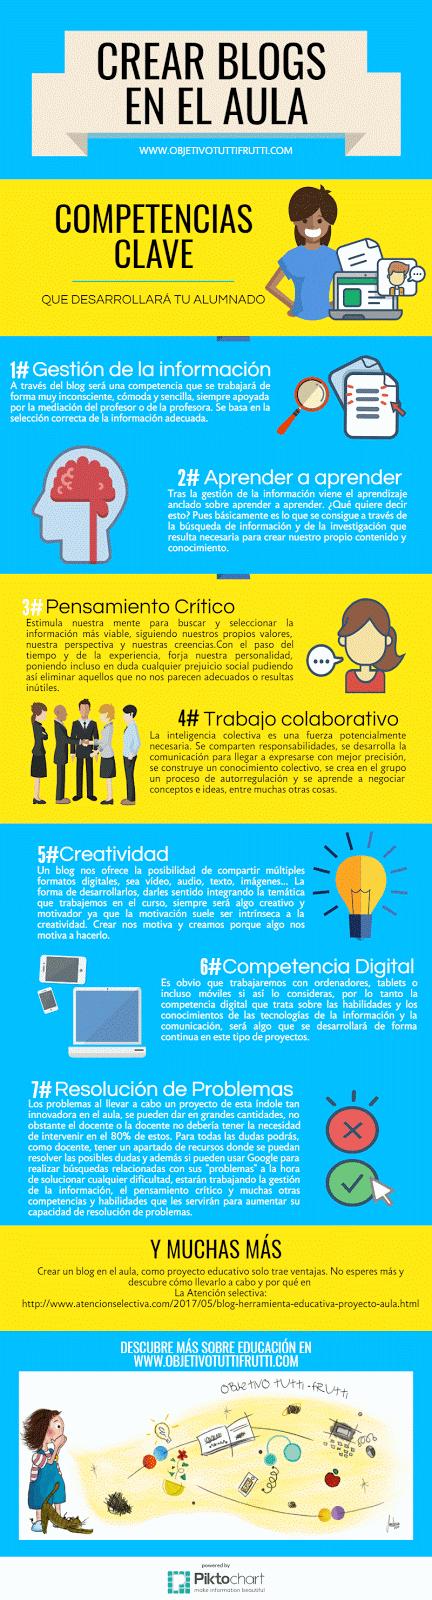 Infografia proyecto educativo y las competencias que desarrolla